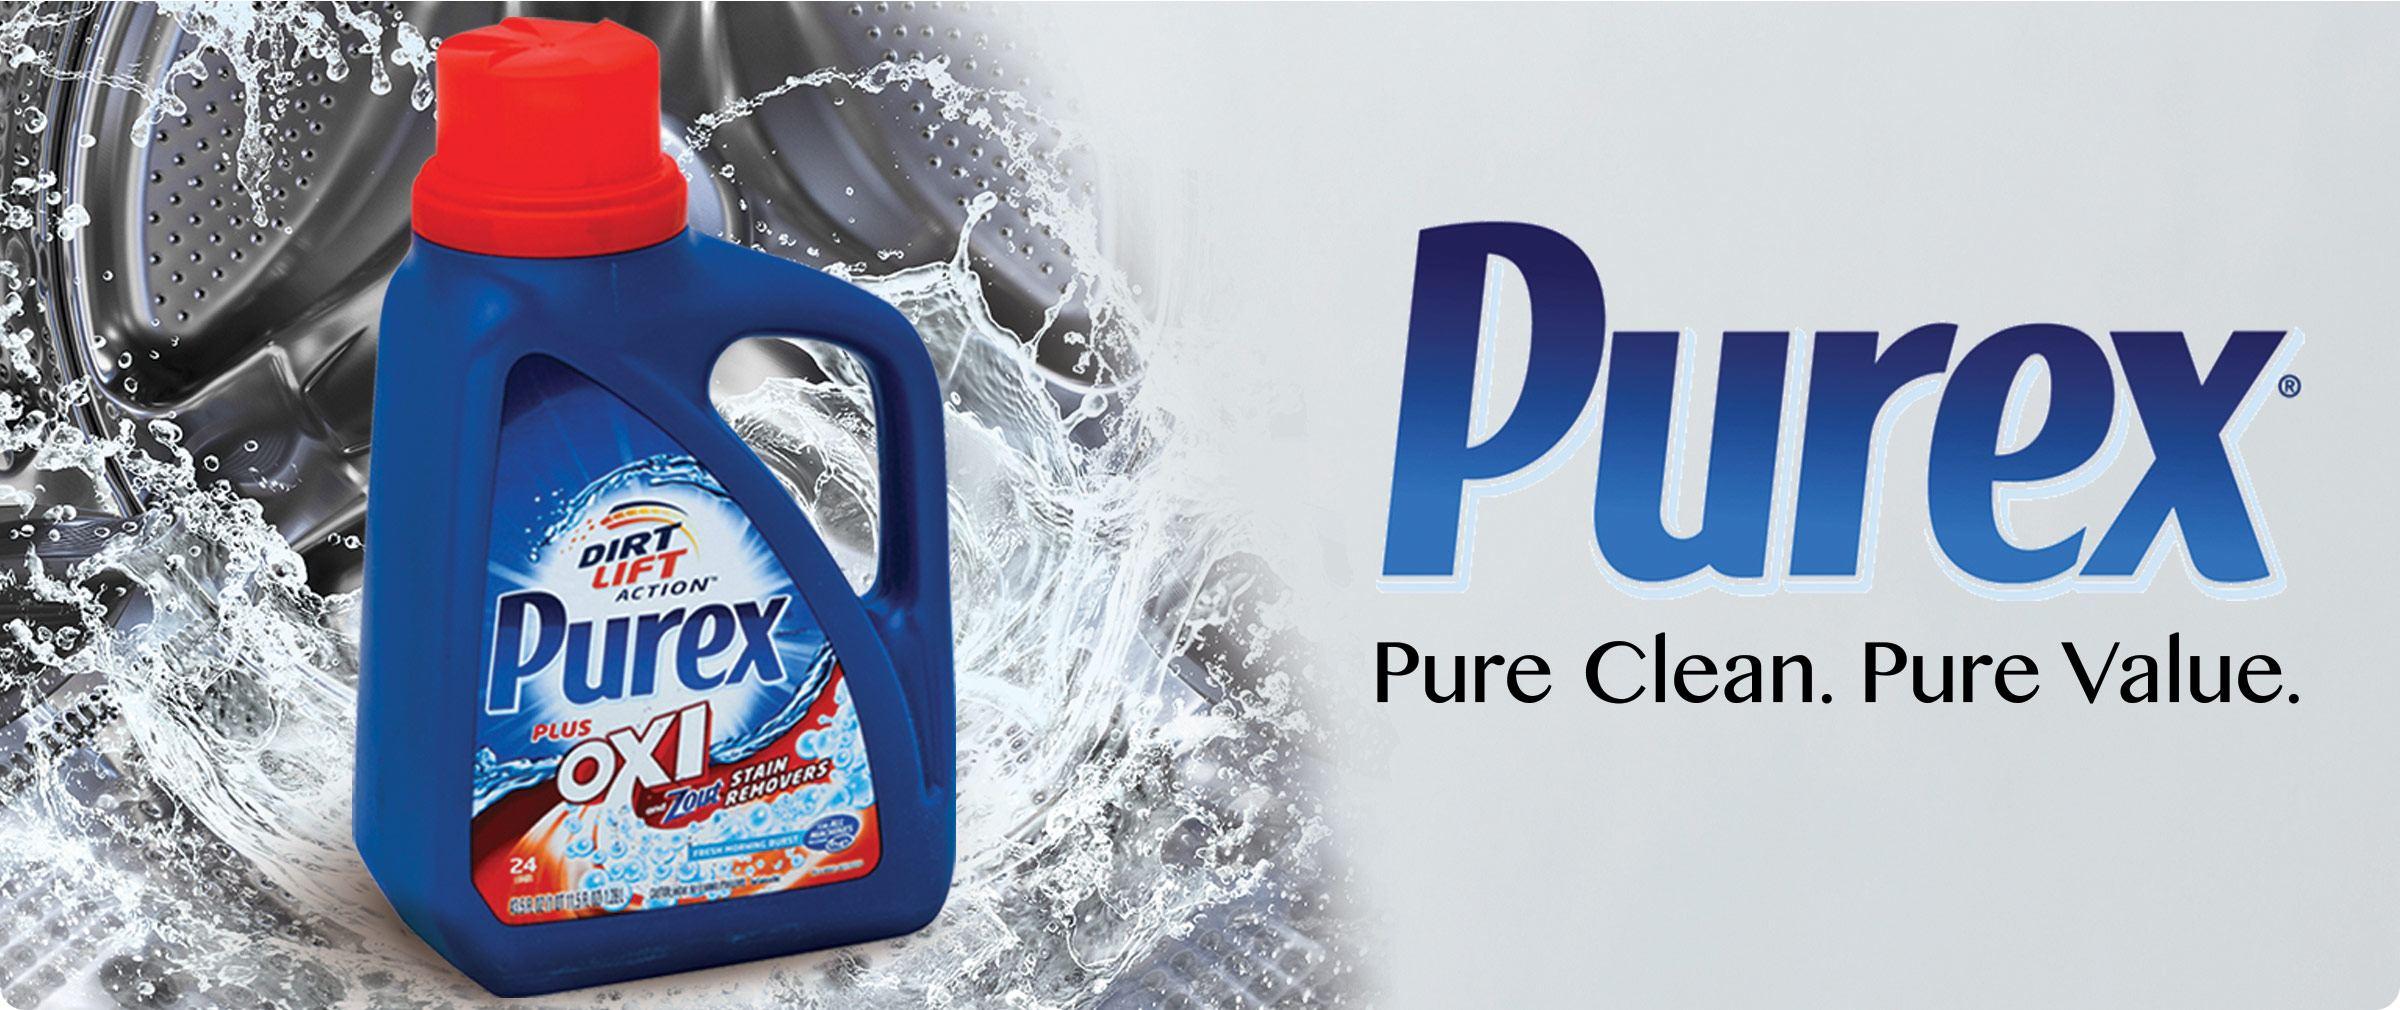 Purex_B2S-webslider-JSF